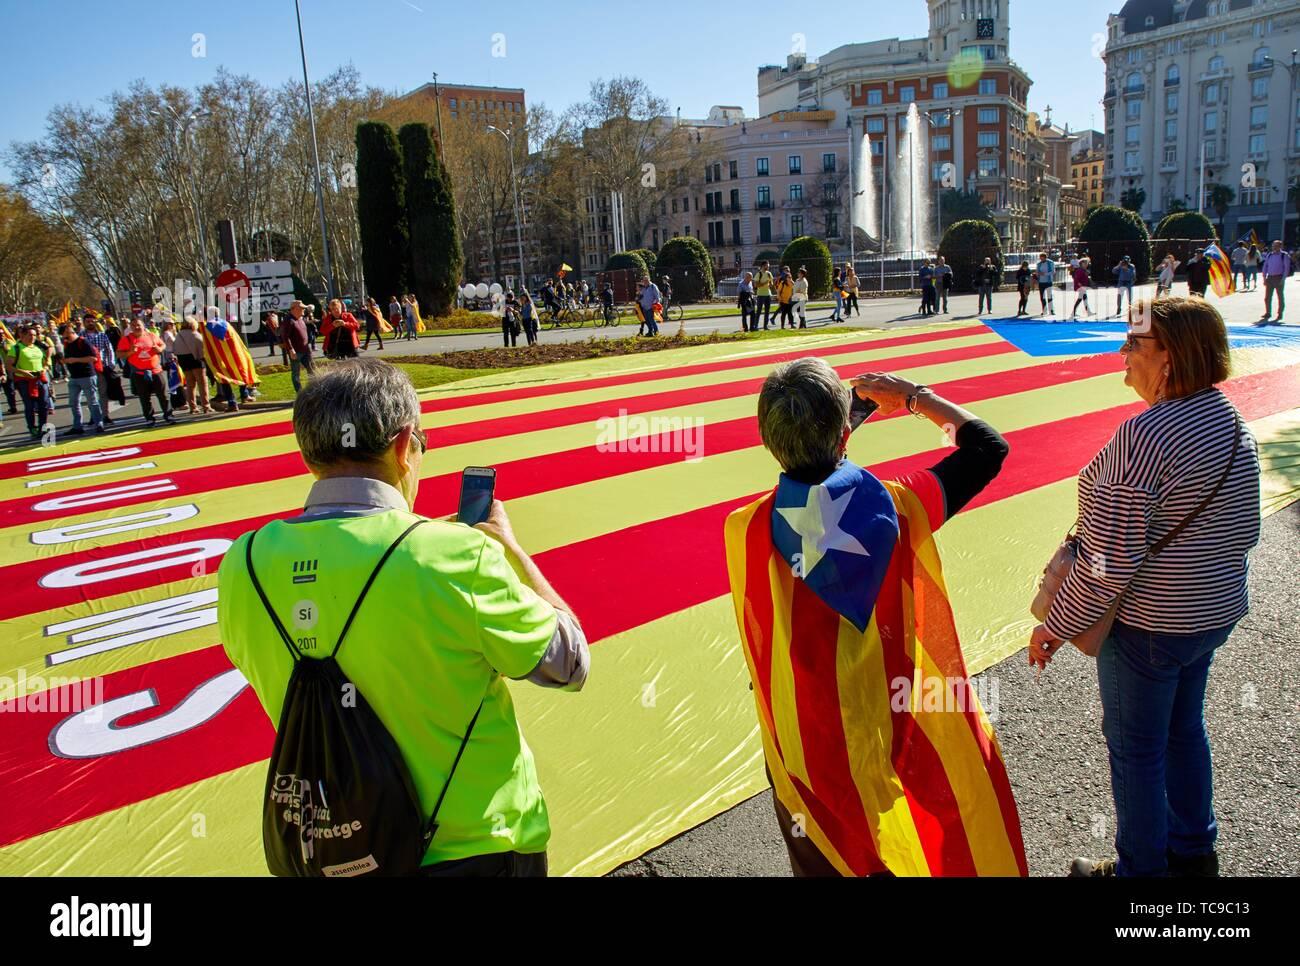 Demonstration der Katalanen anspruchsvolle Unabhängigkeit, Fahnen von Katalonien, Neptunbrunnen, Madrid, Spanien, Europa Stockbild